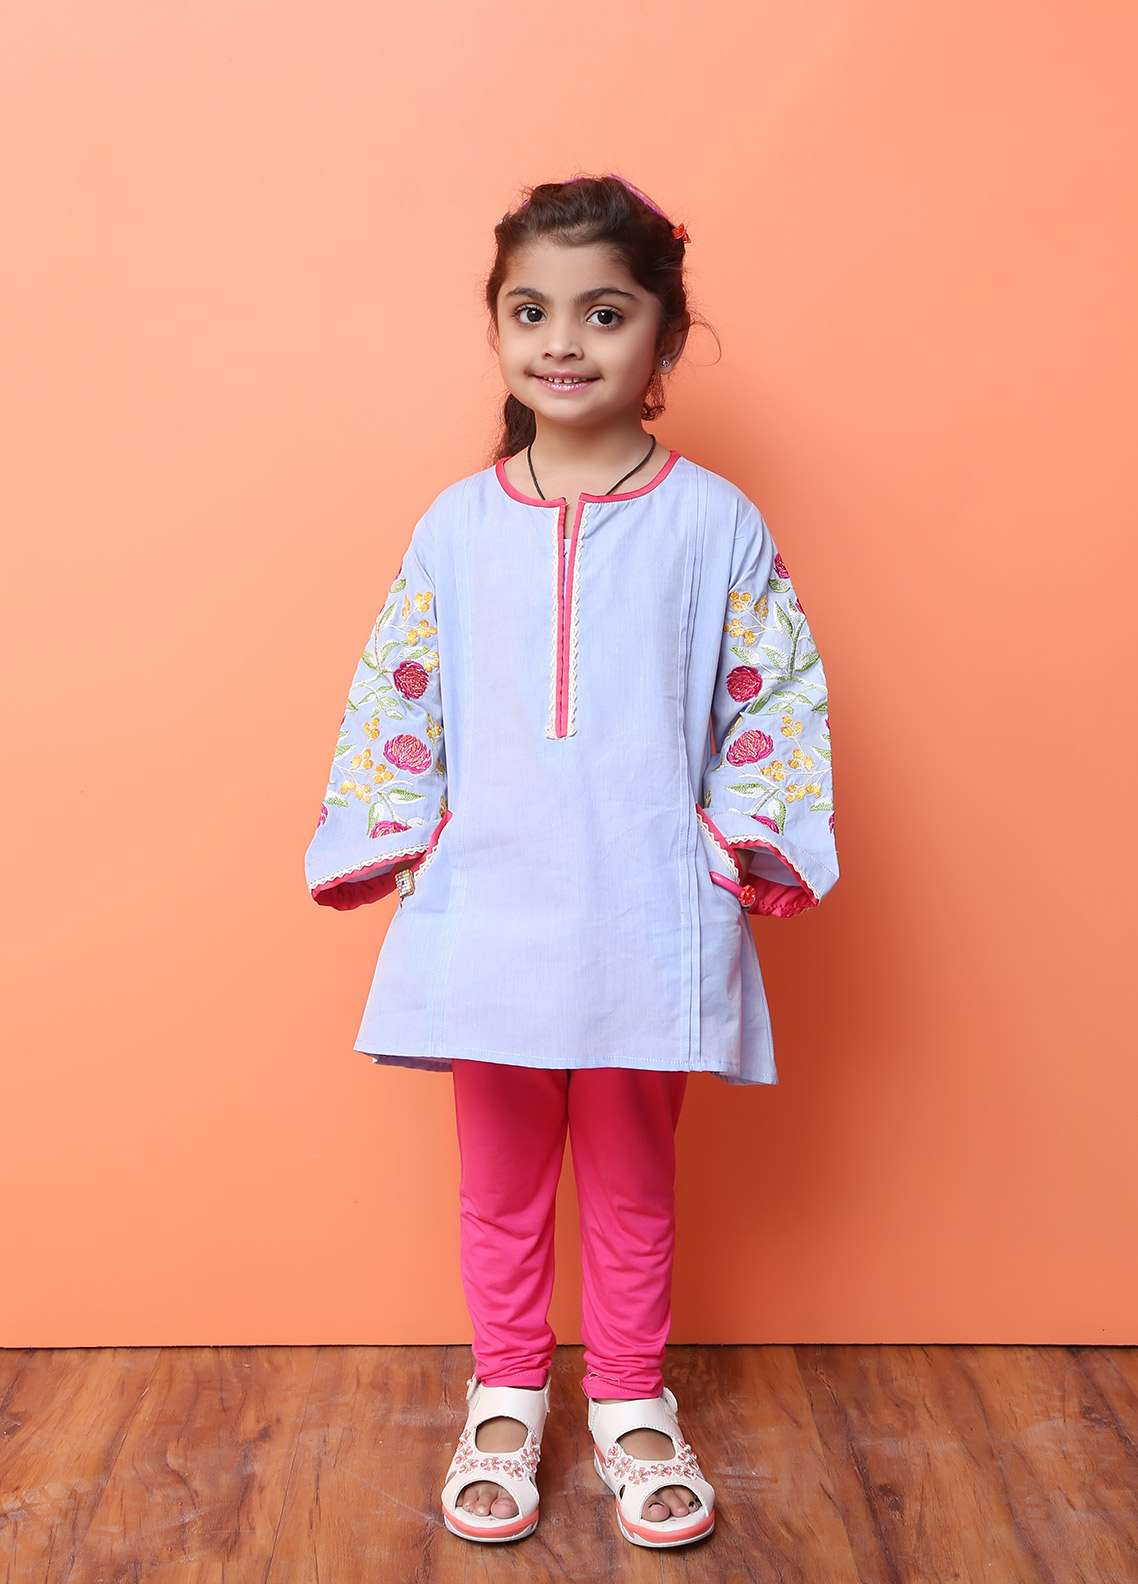 Ochre Cotton Formal Kurtis for Girls -  OFK 601 Light Blue